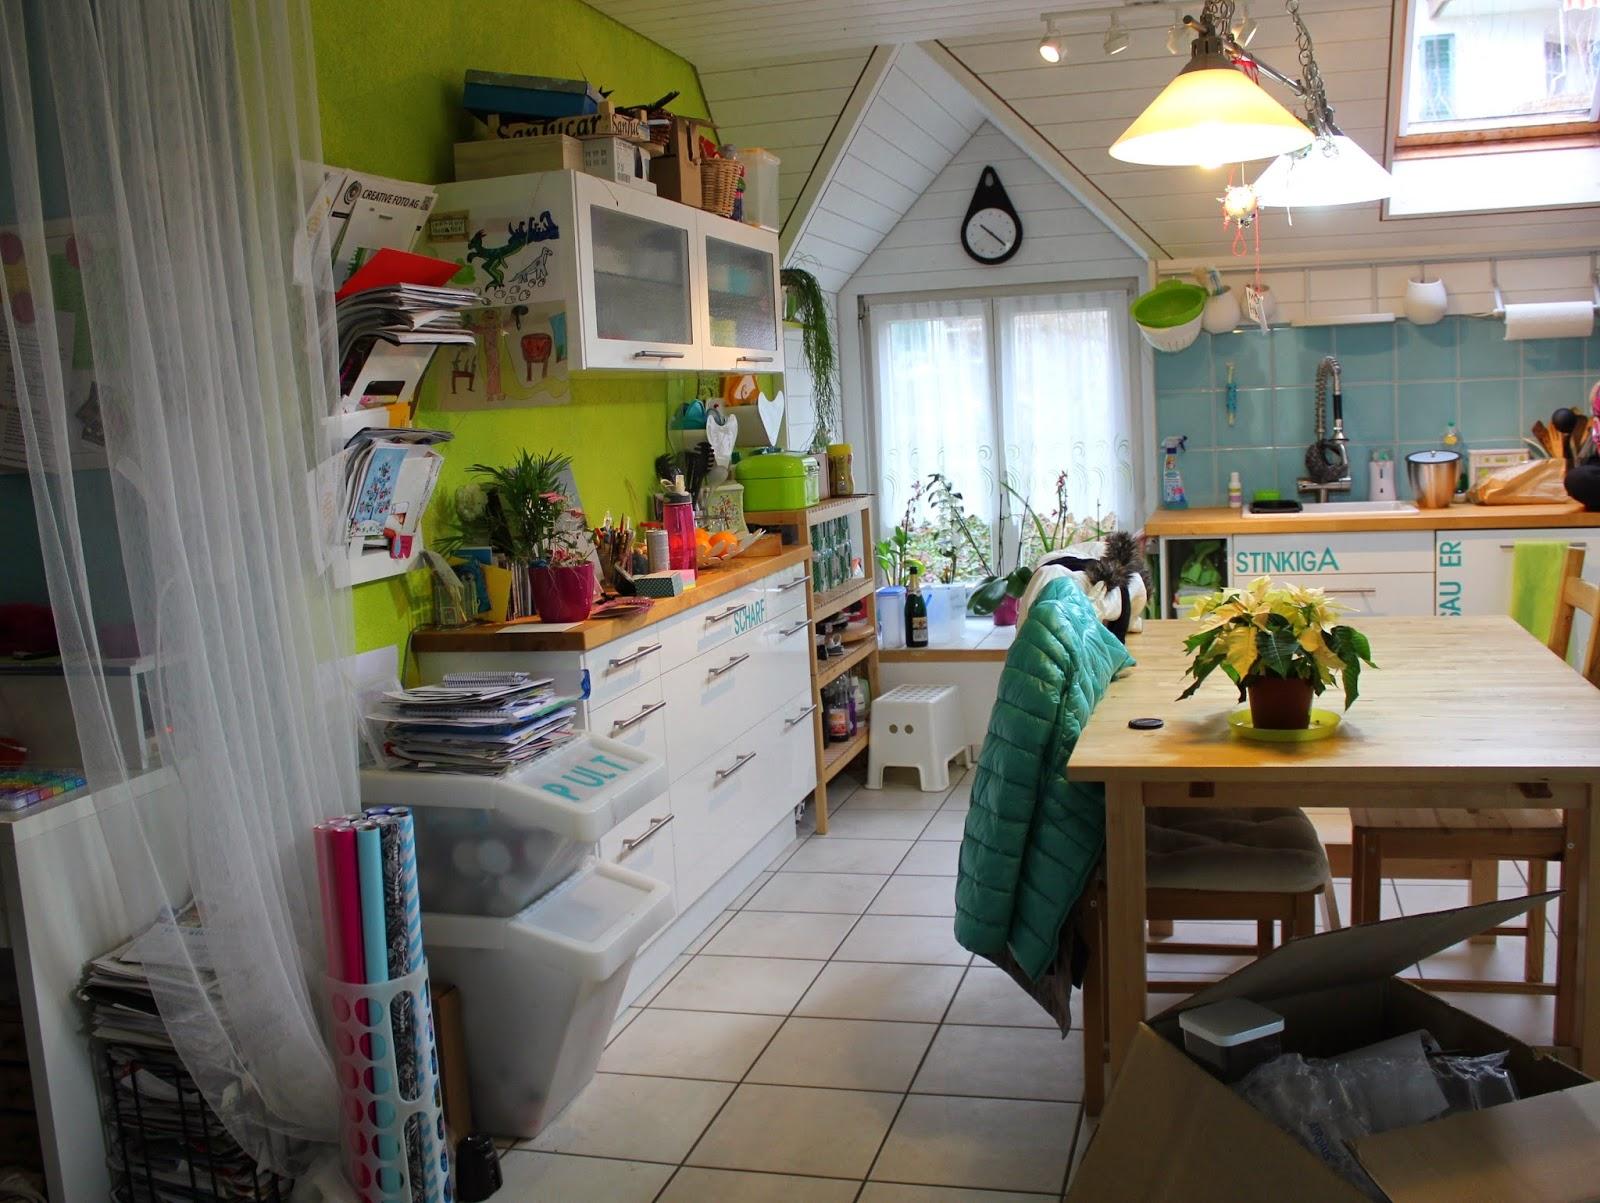 kuchenschranke einraumen : K?che Organisieren Jtleigh.com - Hausgestaltung Ideen